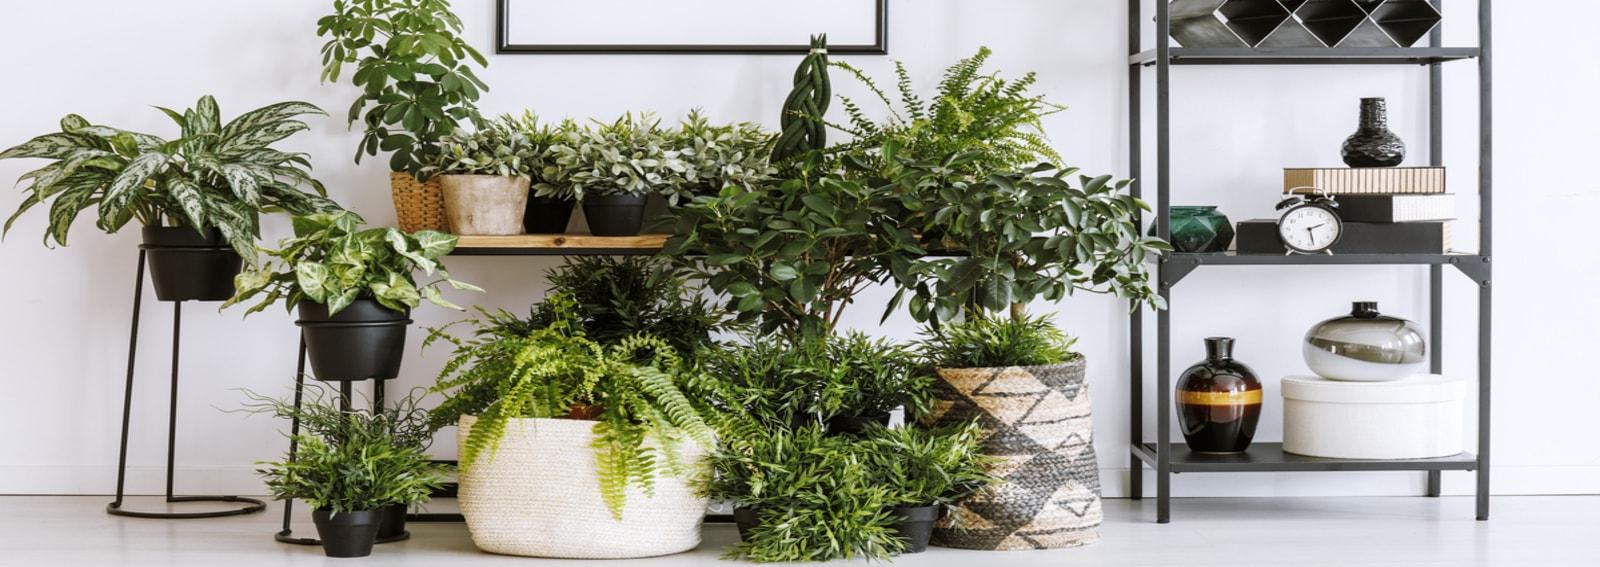 6 piante da interno per profumare la casa - Grazia.it